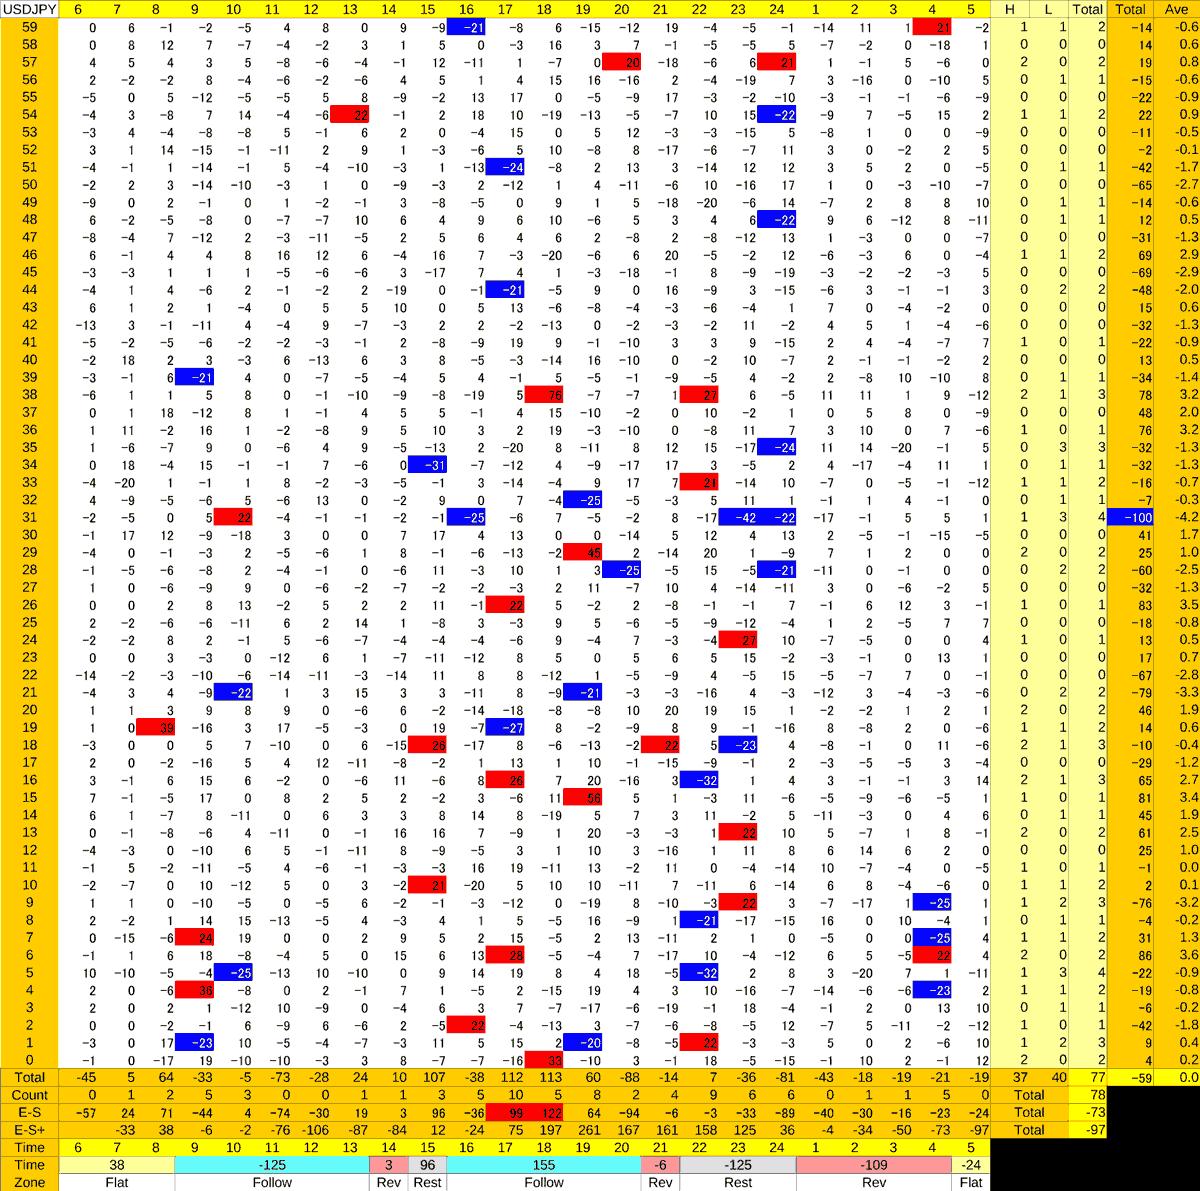 20201119_HS(1)USDJPY